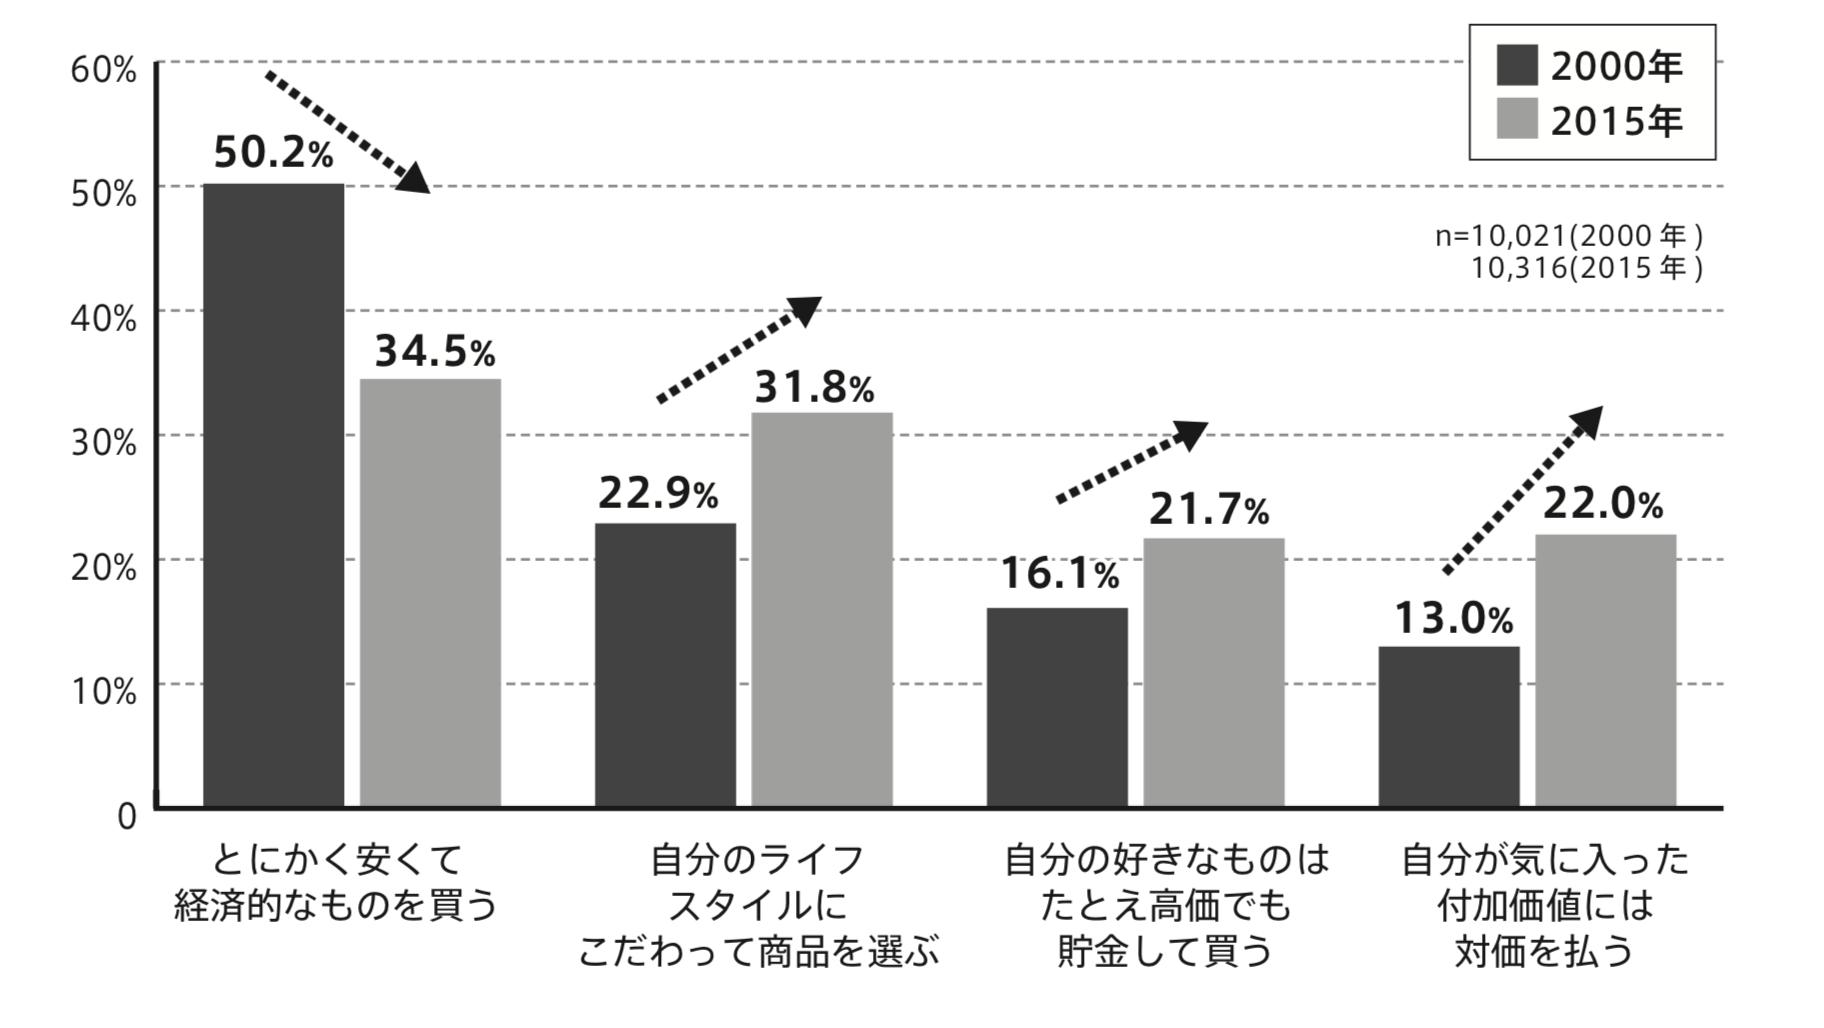 世界 マスコミ 信用度 【世論調査】マスコミは信頼できない 18~20歳代は60%と最も多く若い世代ほど「信頼できない」-日本経済新聞